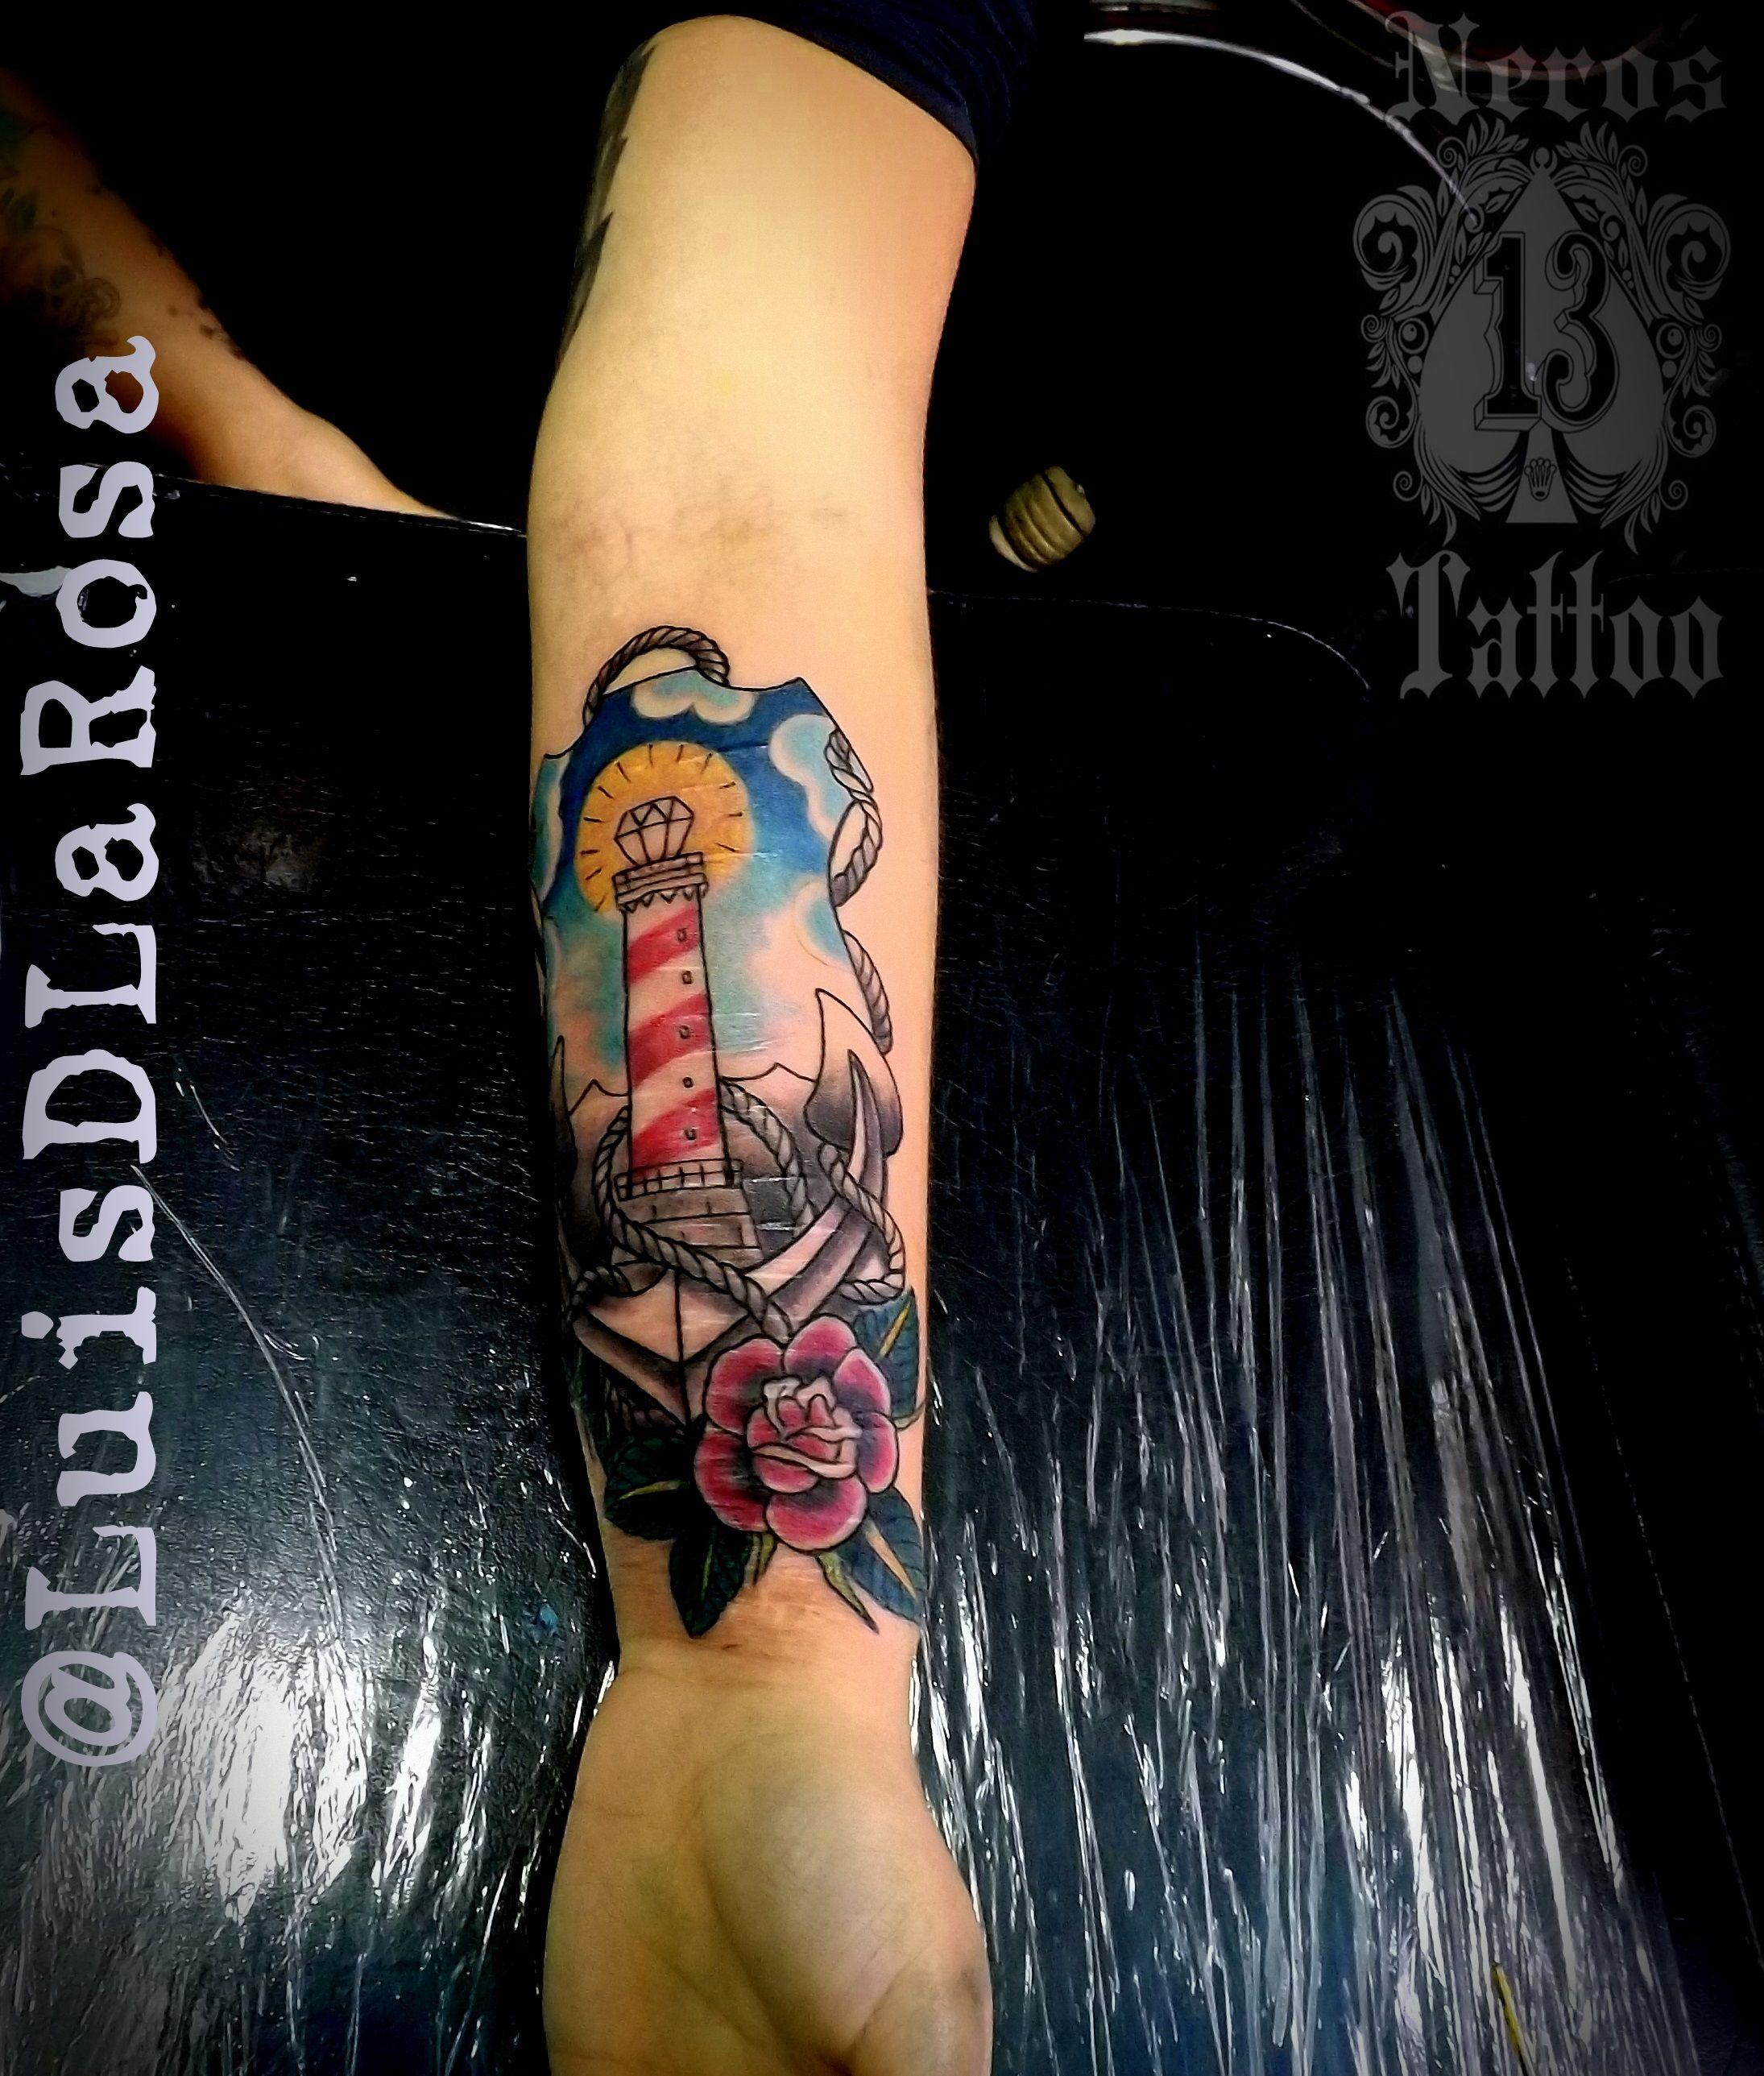 #anchortattoo #oldanchortattoo #tattooold #luisdlarosa #nerosttattoo 3perutattoo #tattoolife